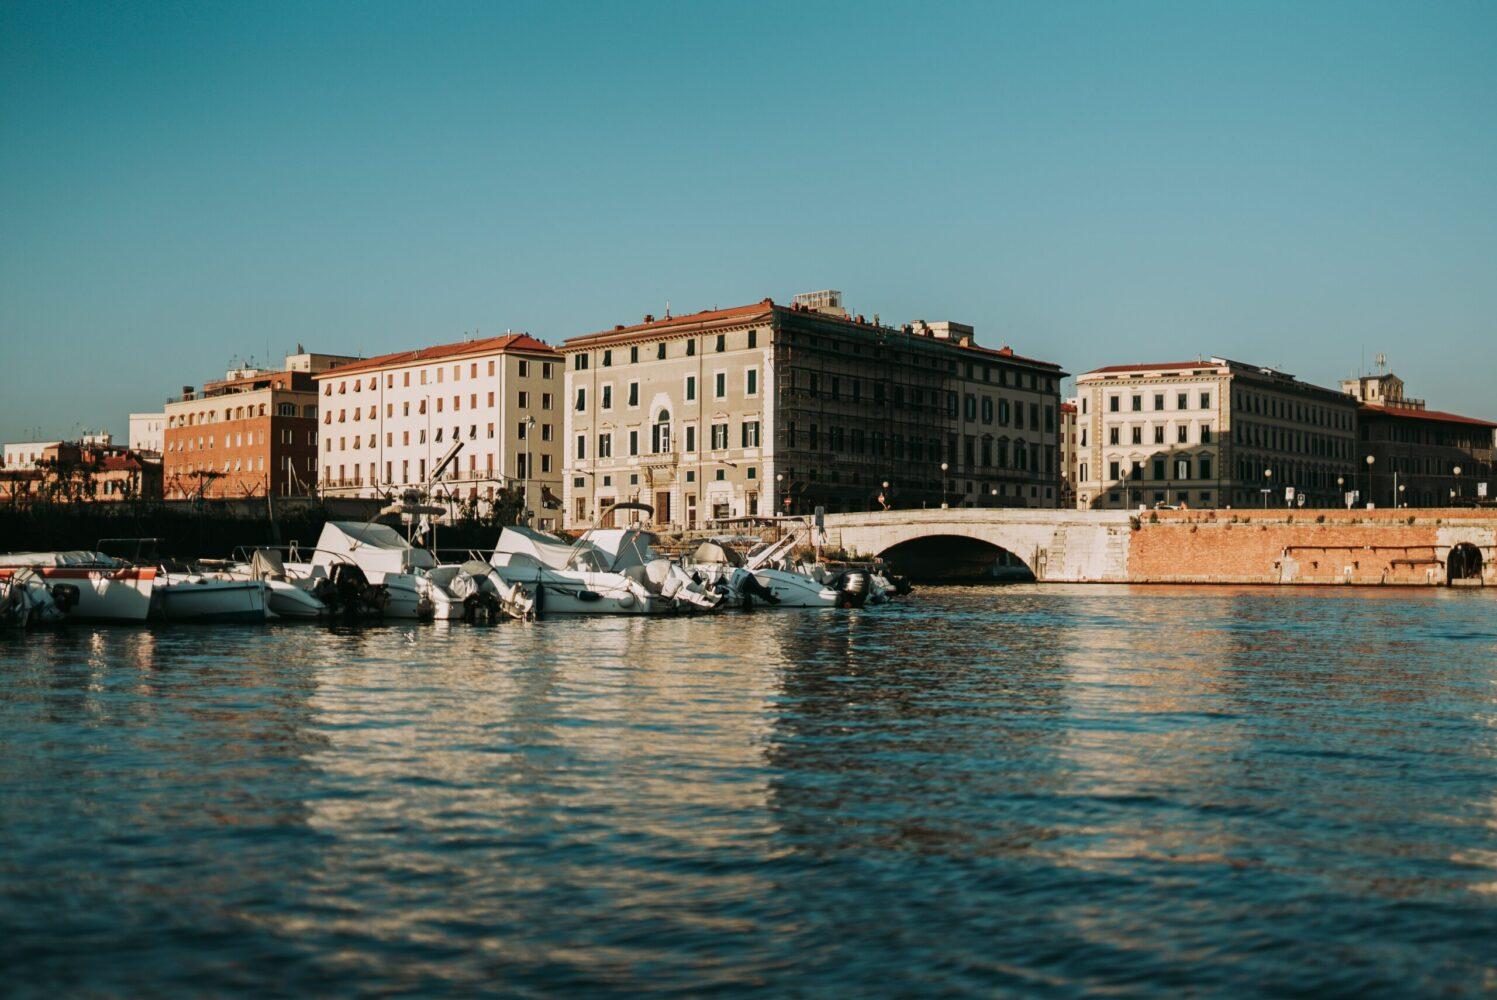 Het Gezinsleven - Vakanties - Europa - De 10 mooiste steden in de Toscane - Livorno vergezicht